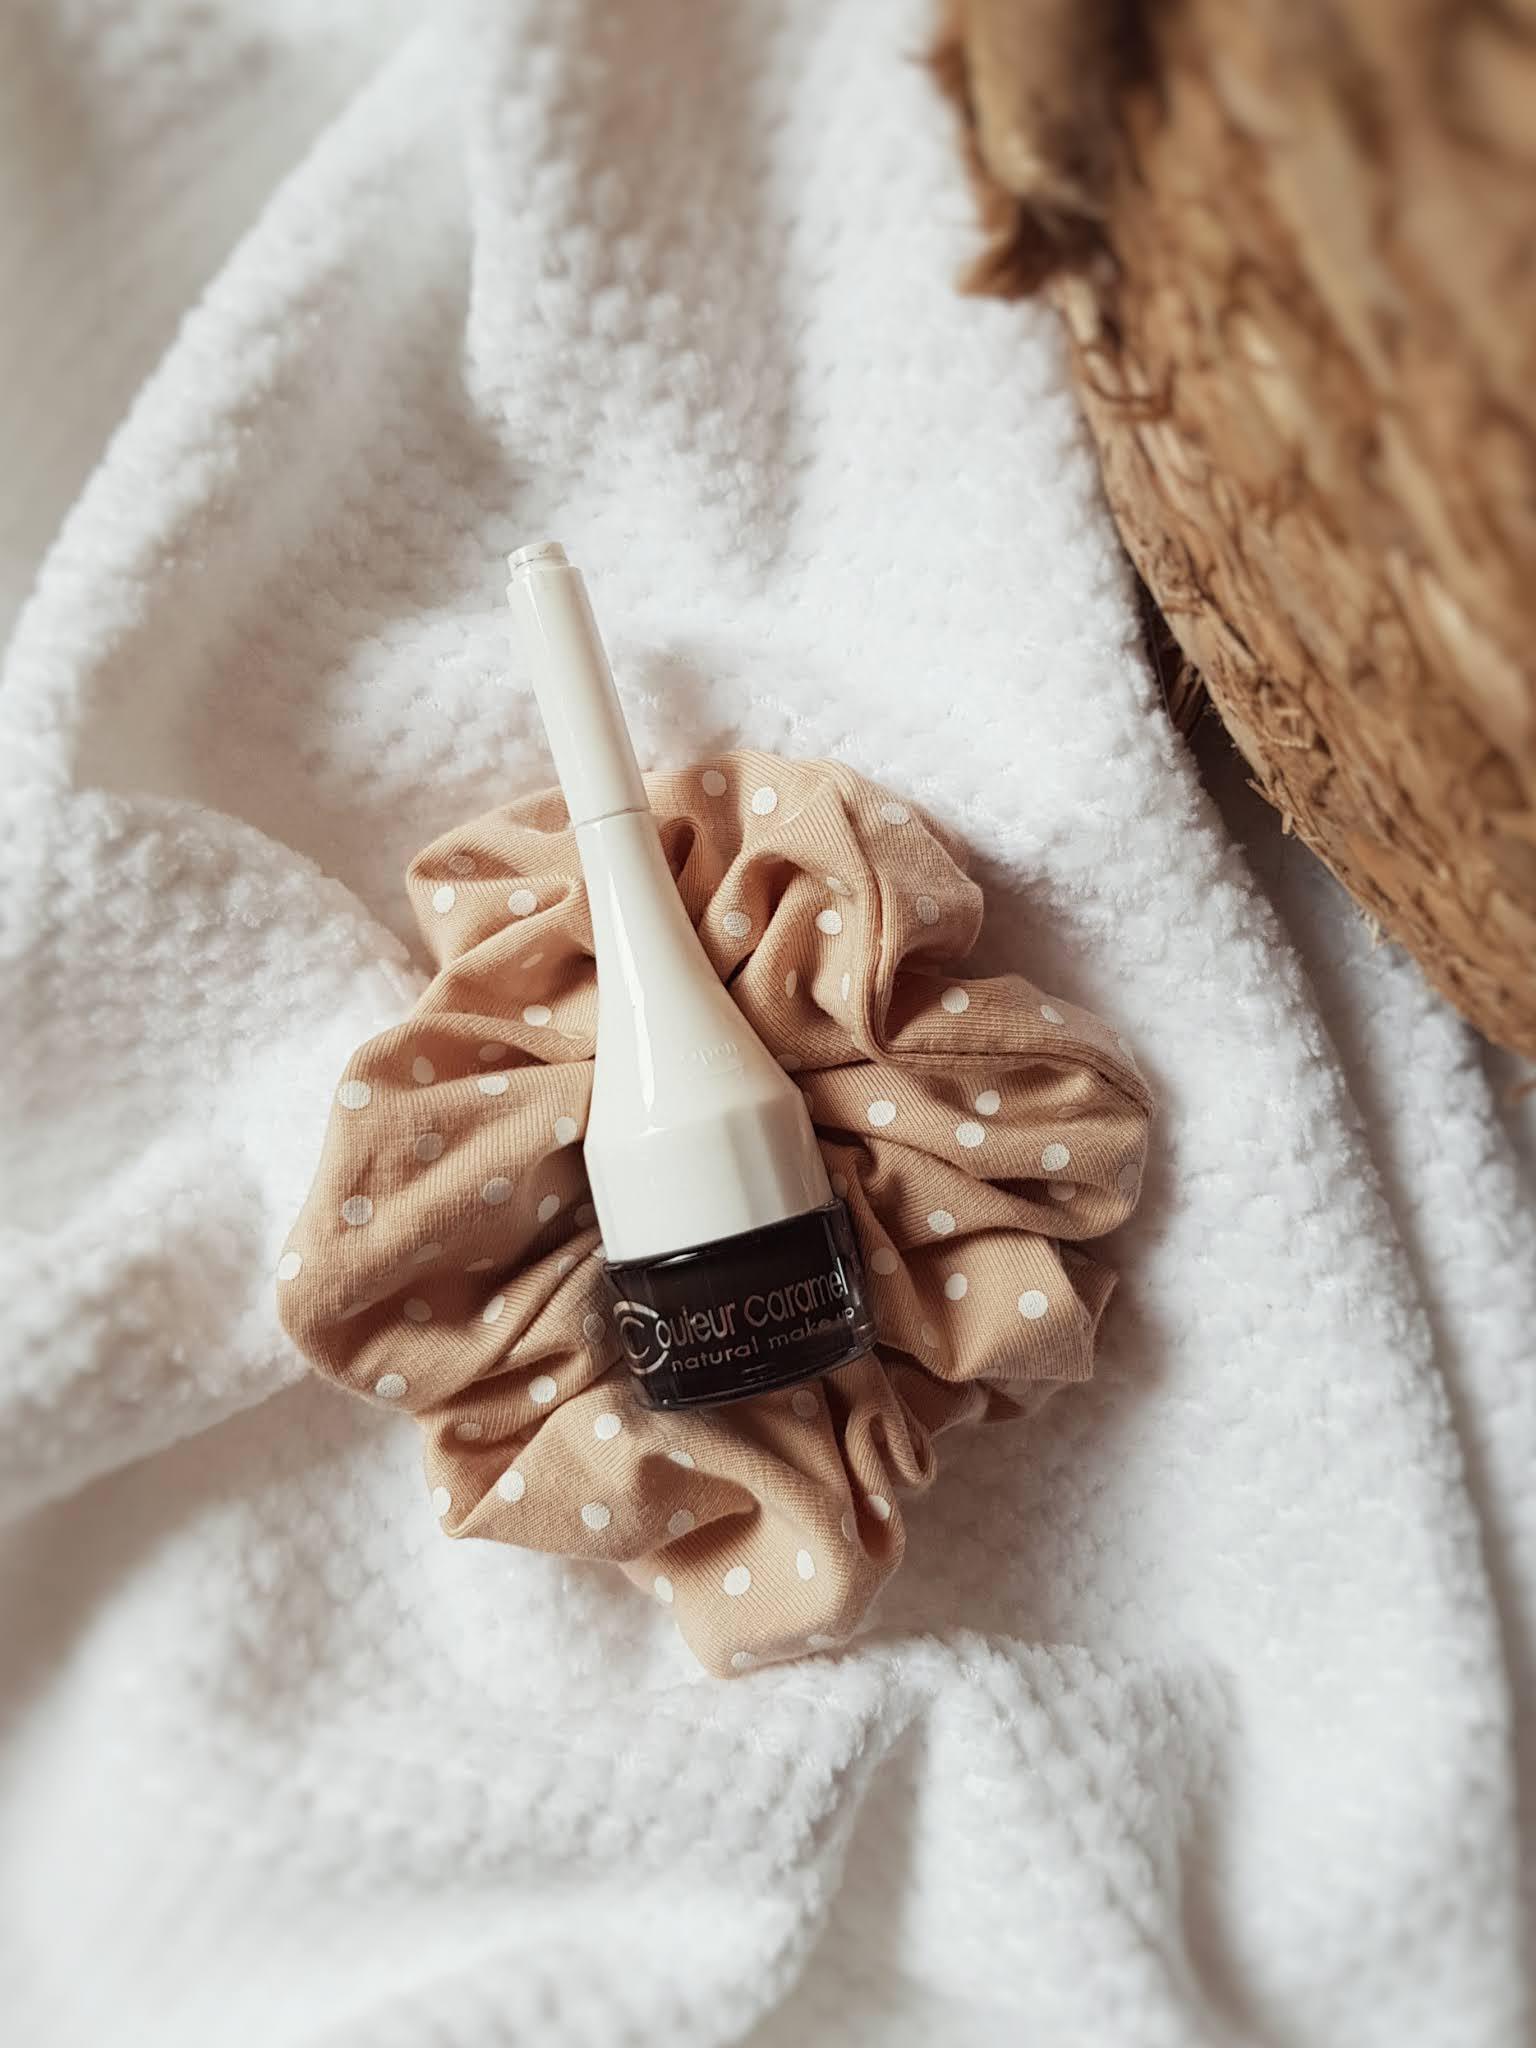 naturalne kosmetyki do makijażu, naturalna kolorówka, couleur caramel, couleur caramel pomada do brwi